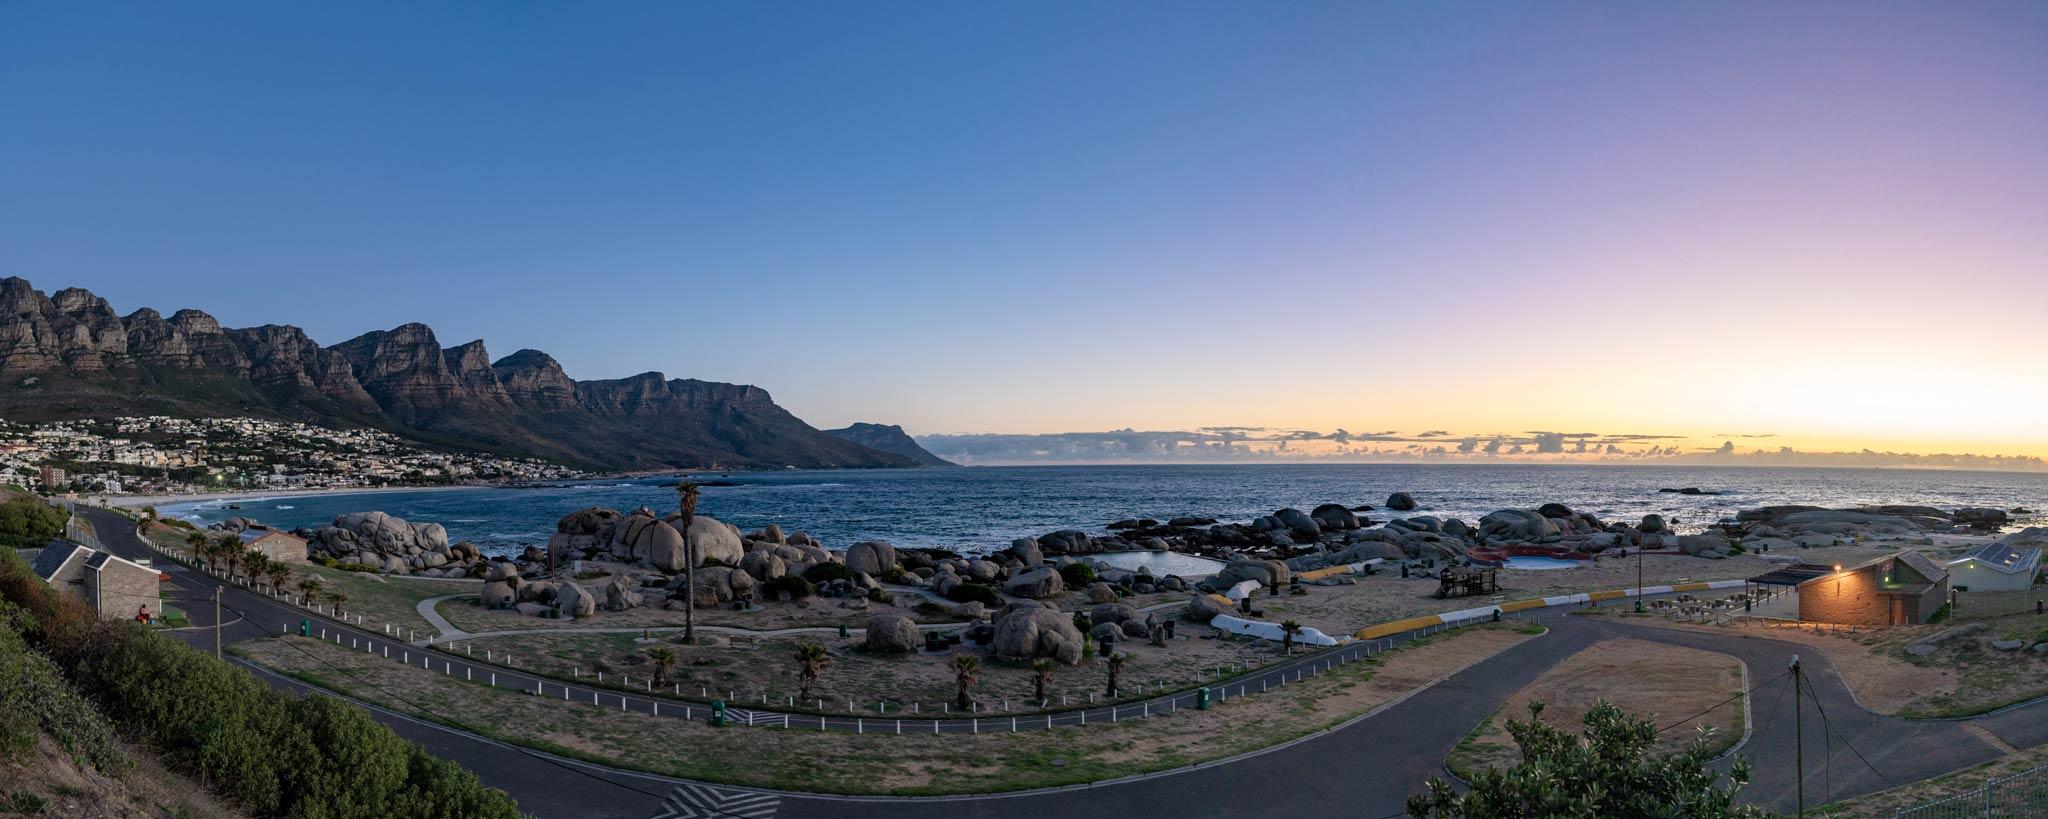 ... die Aufnahme von Panoramen. - Bild: DJI